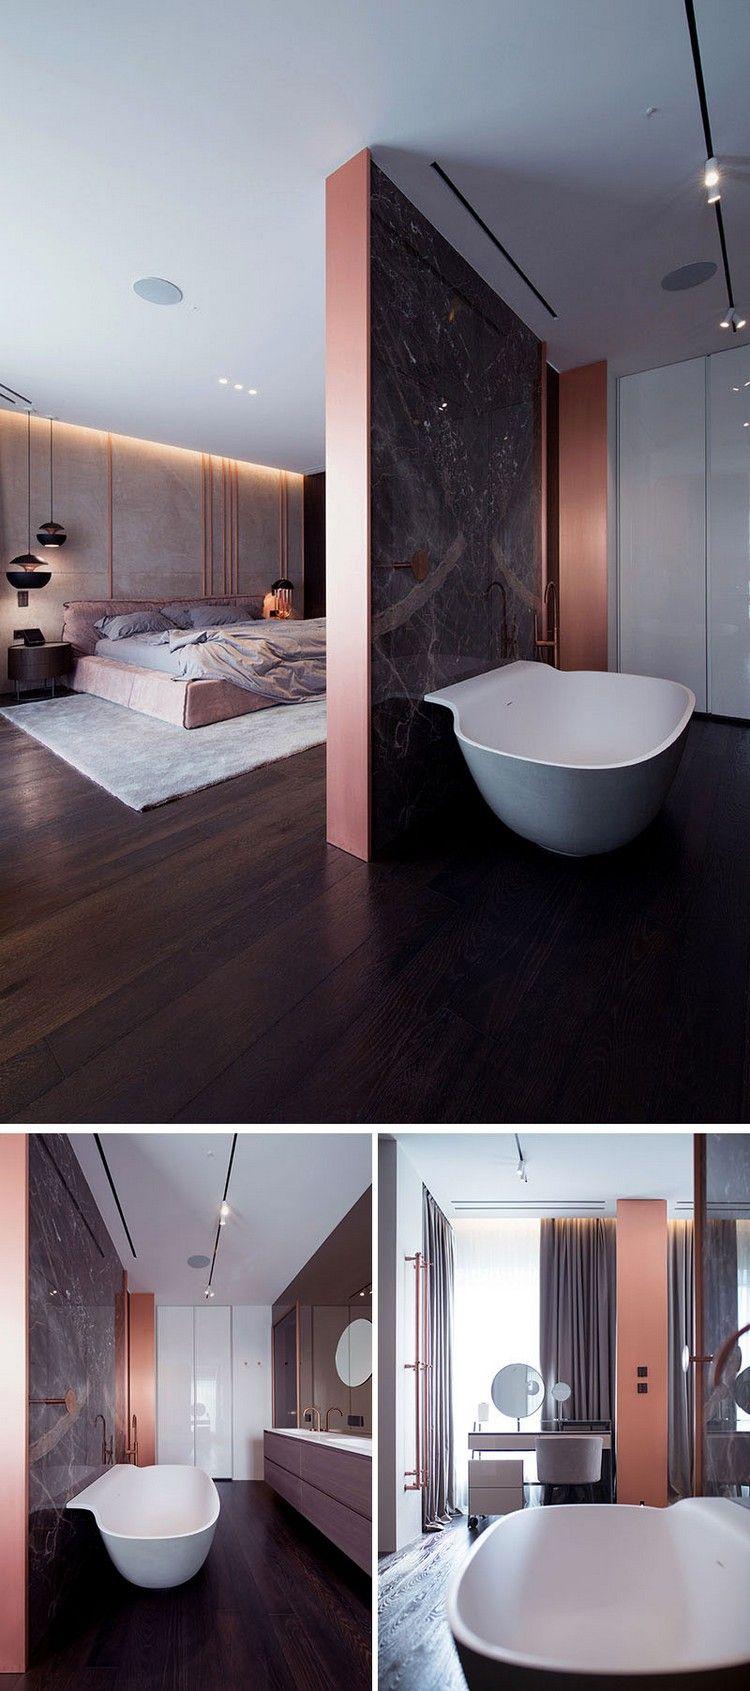 schlafzimmer eigenes bad raumteiler kupfer akzente #innendesign ...